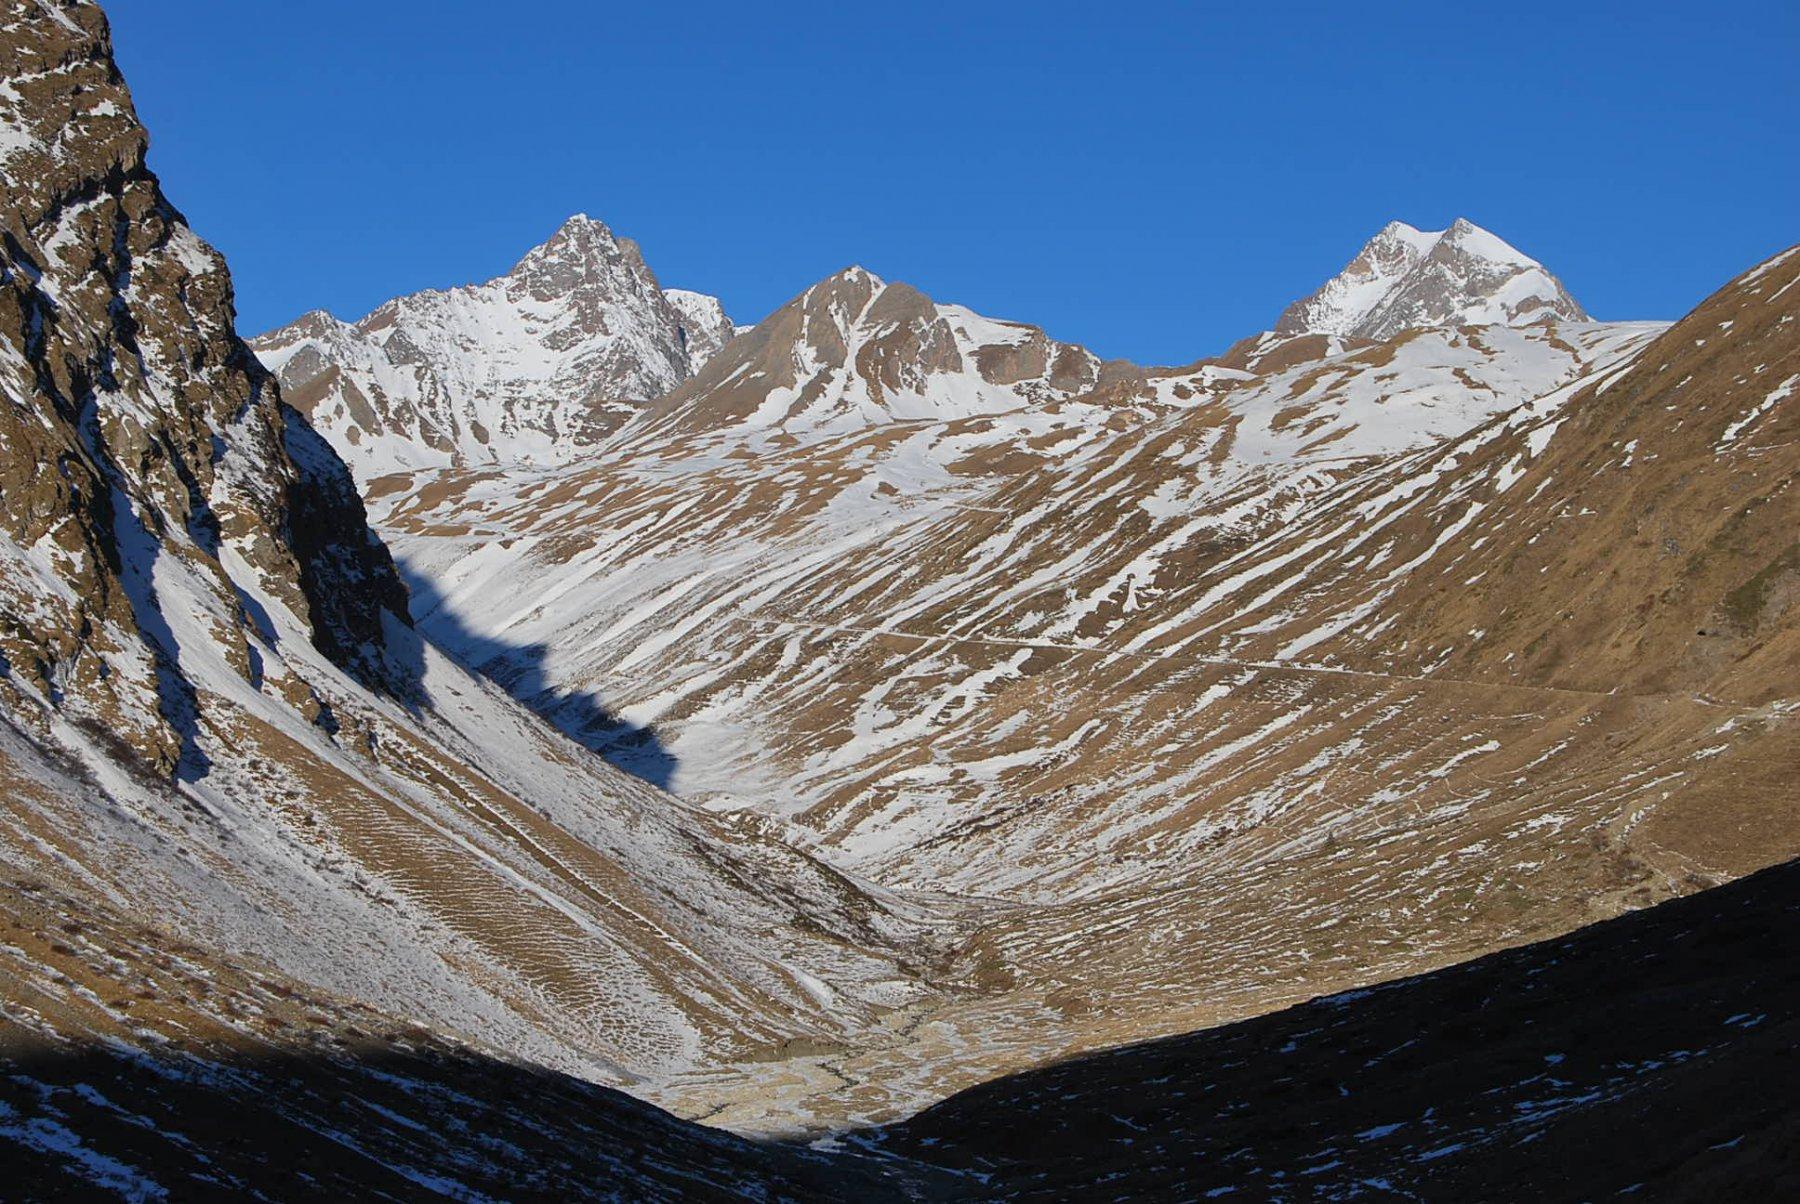 Si entra nel vallone. Da sinistra: Aig. Glaciers, Mont Perce, Trelatete